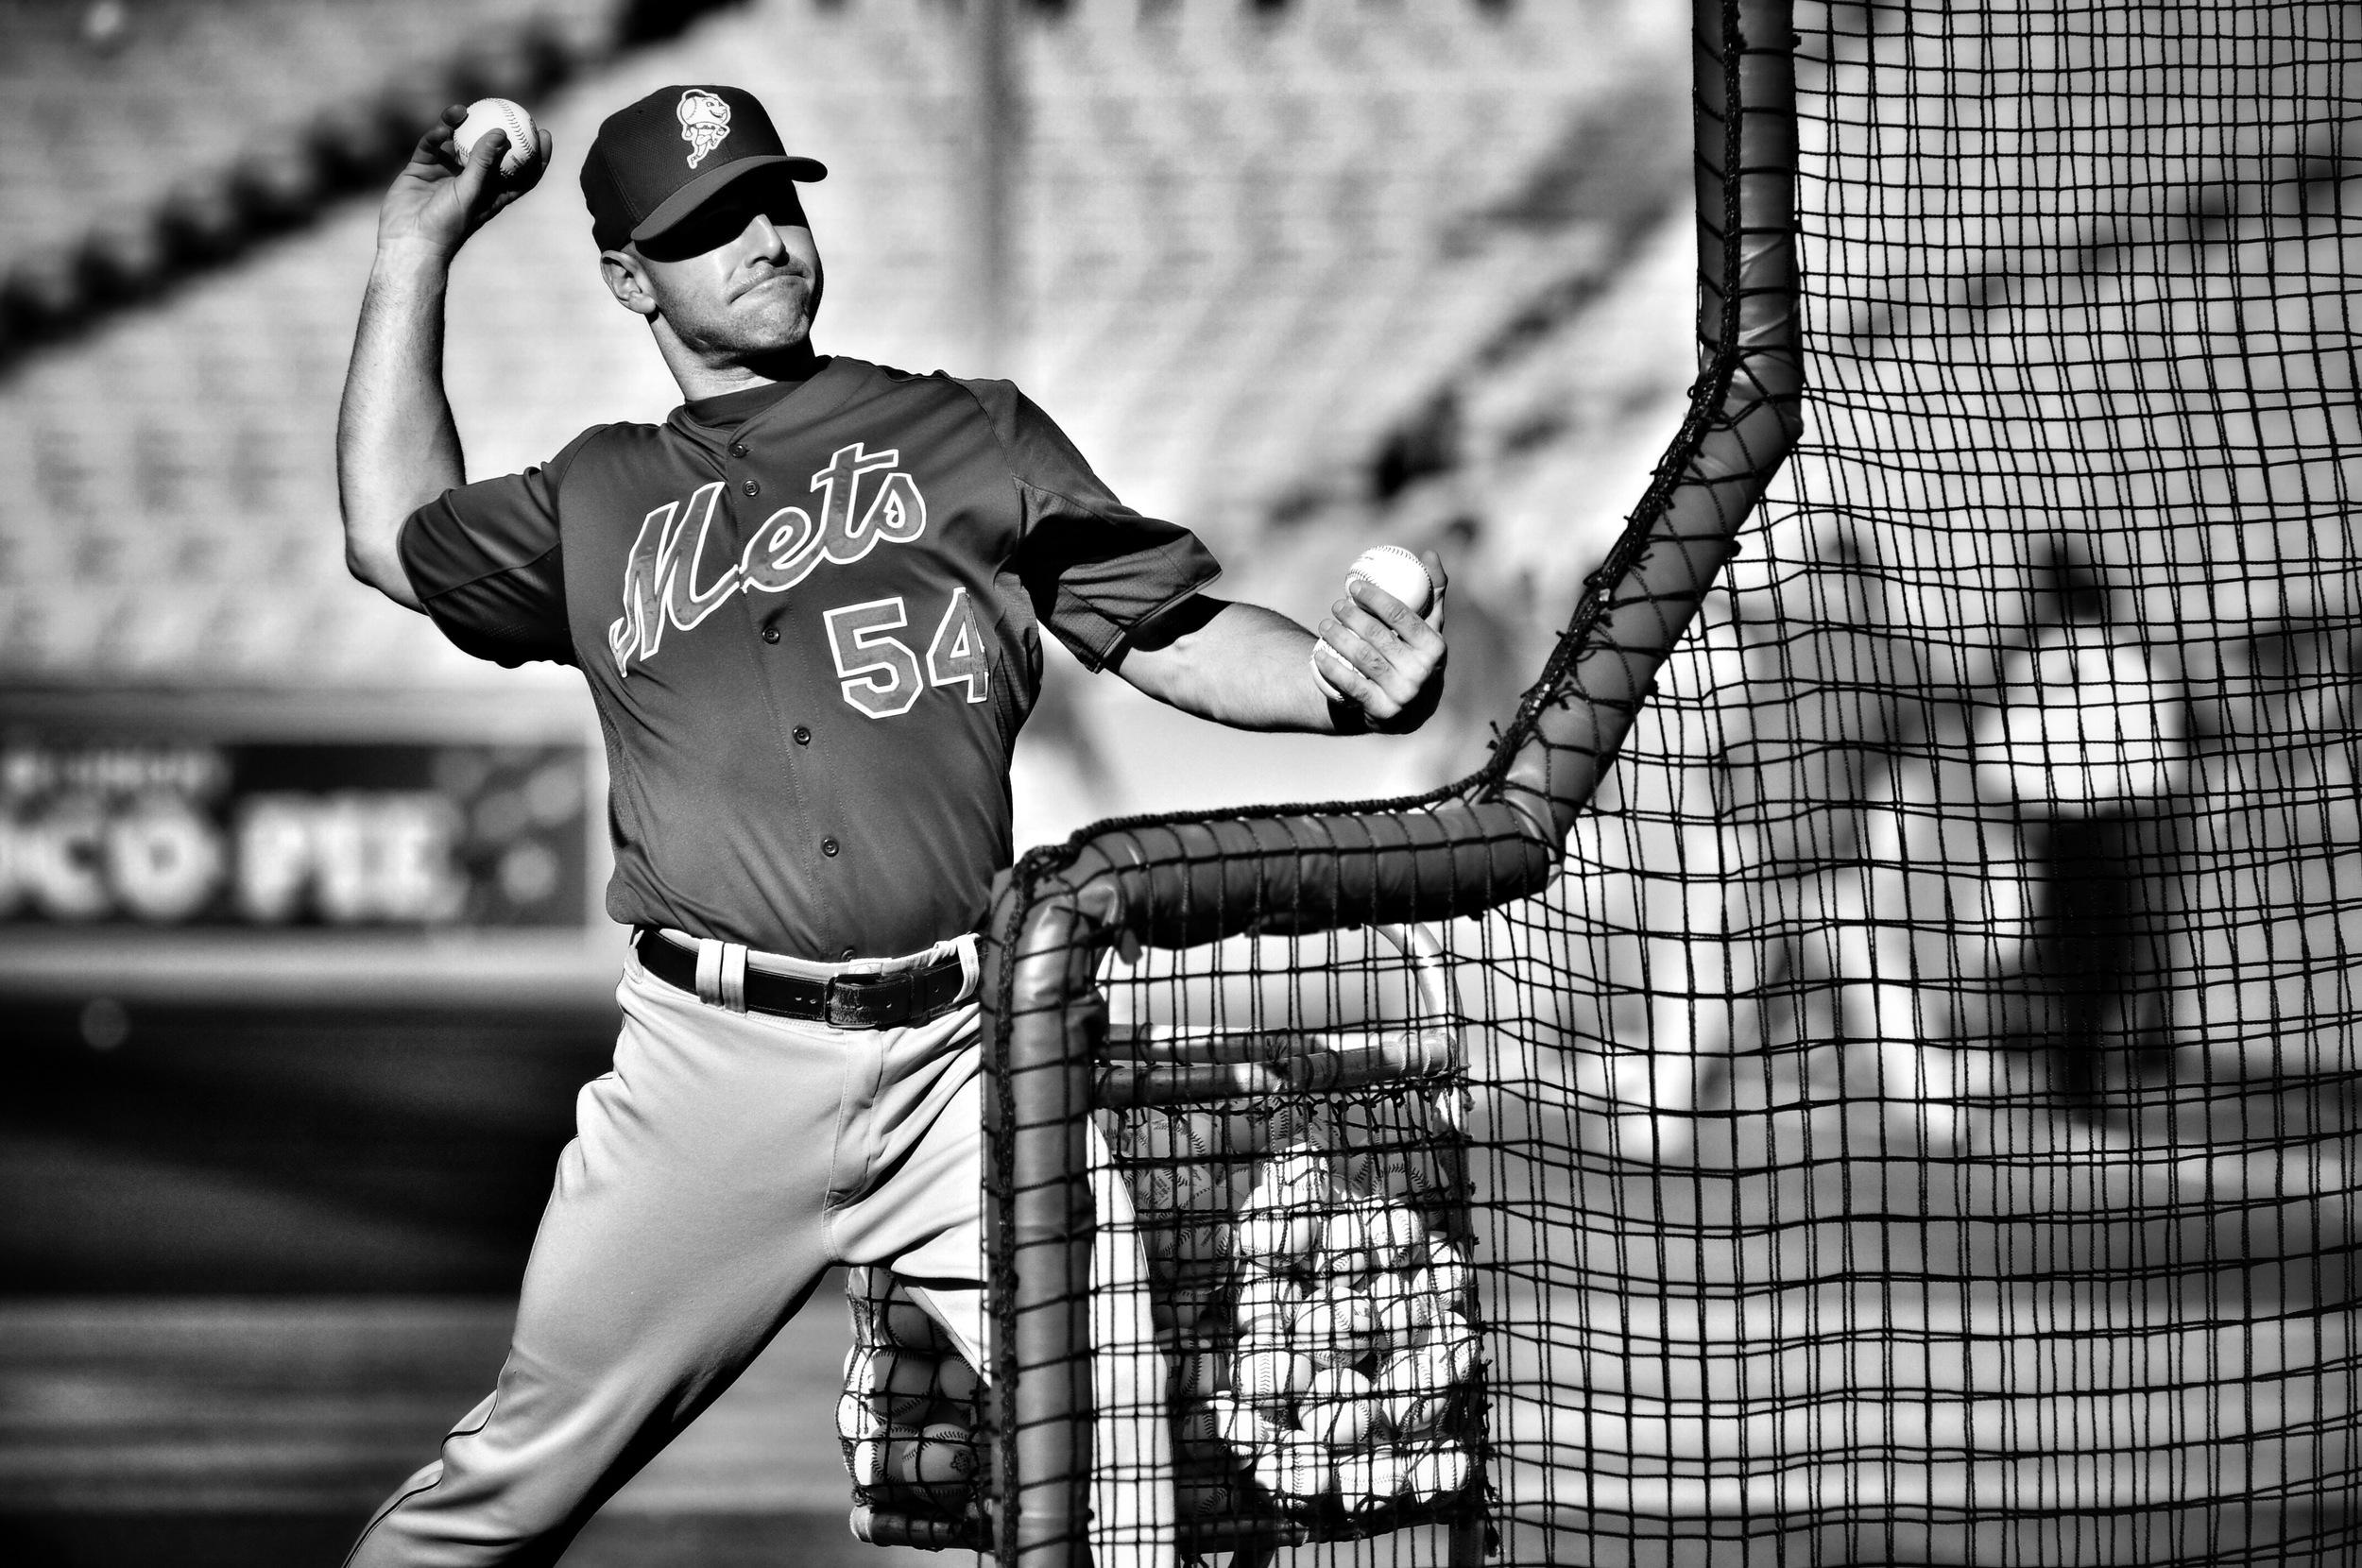 Mets' batting practice.JPG